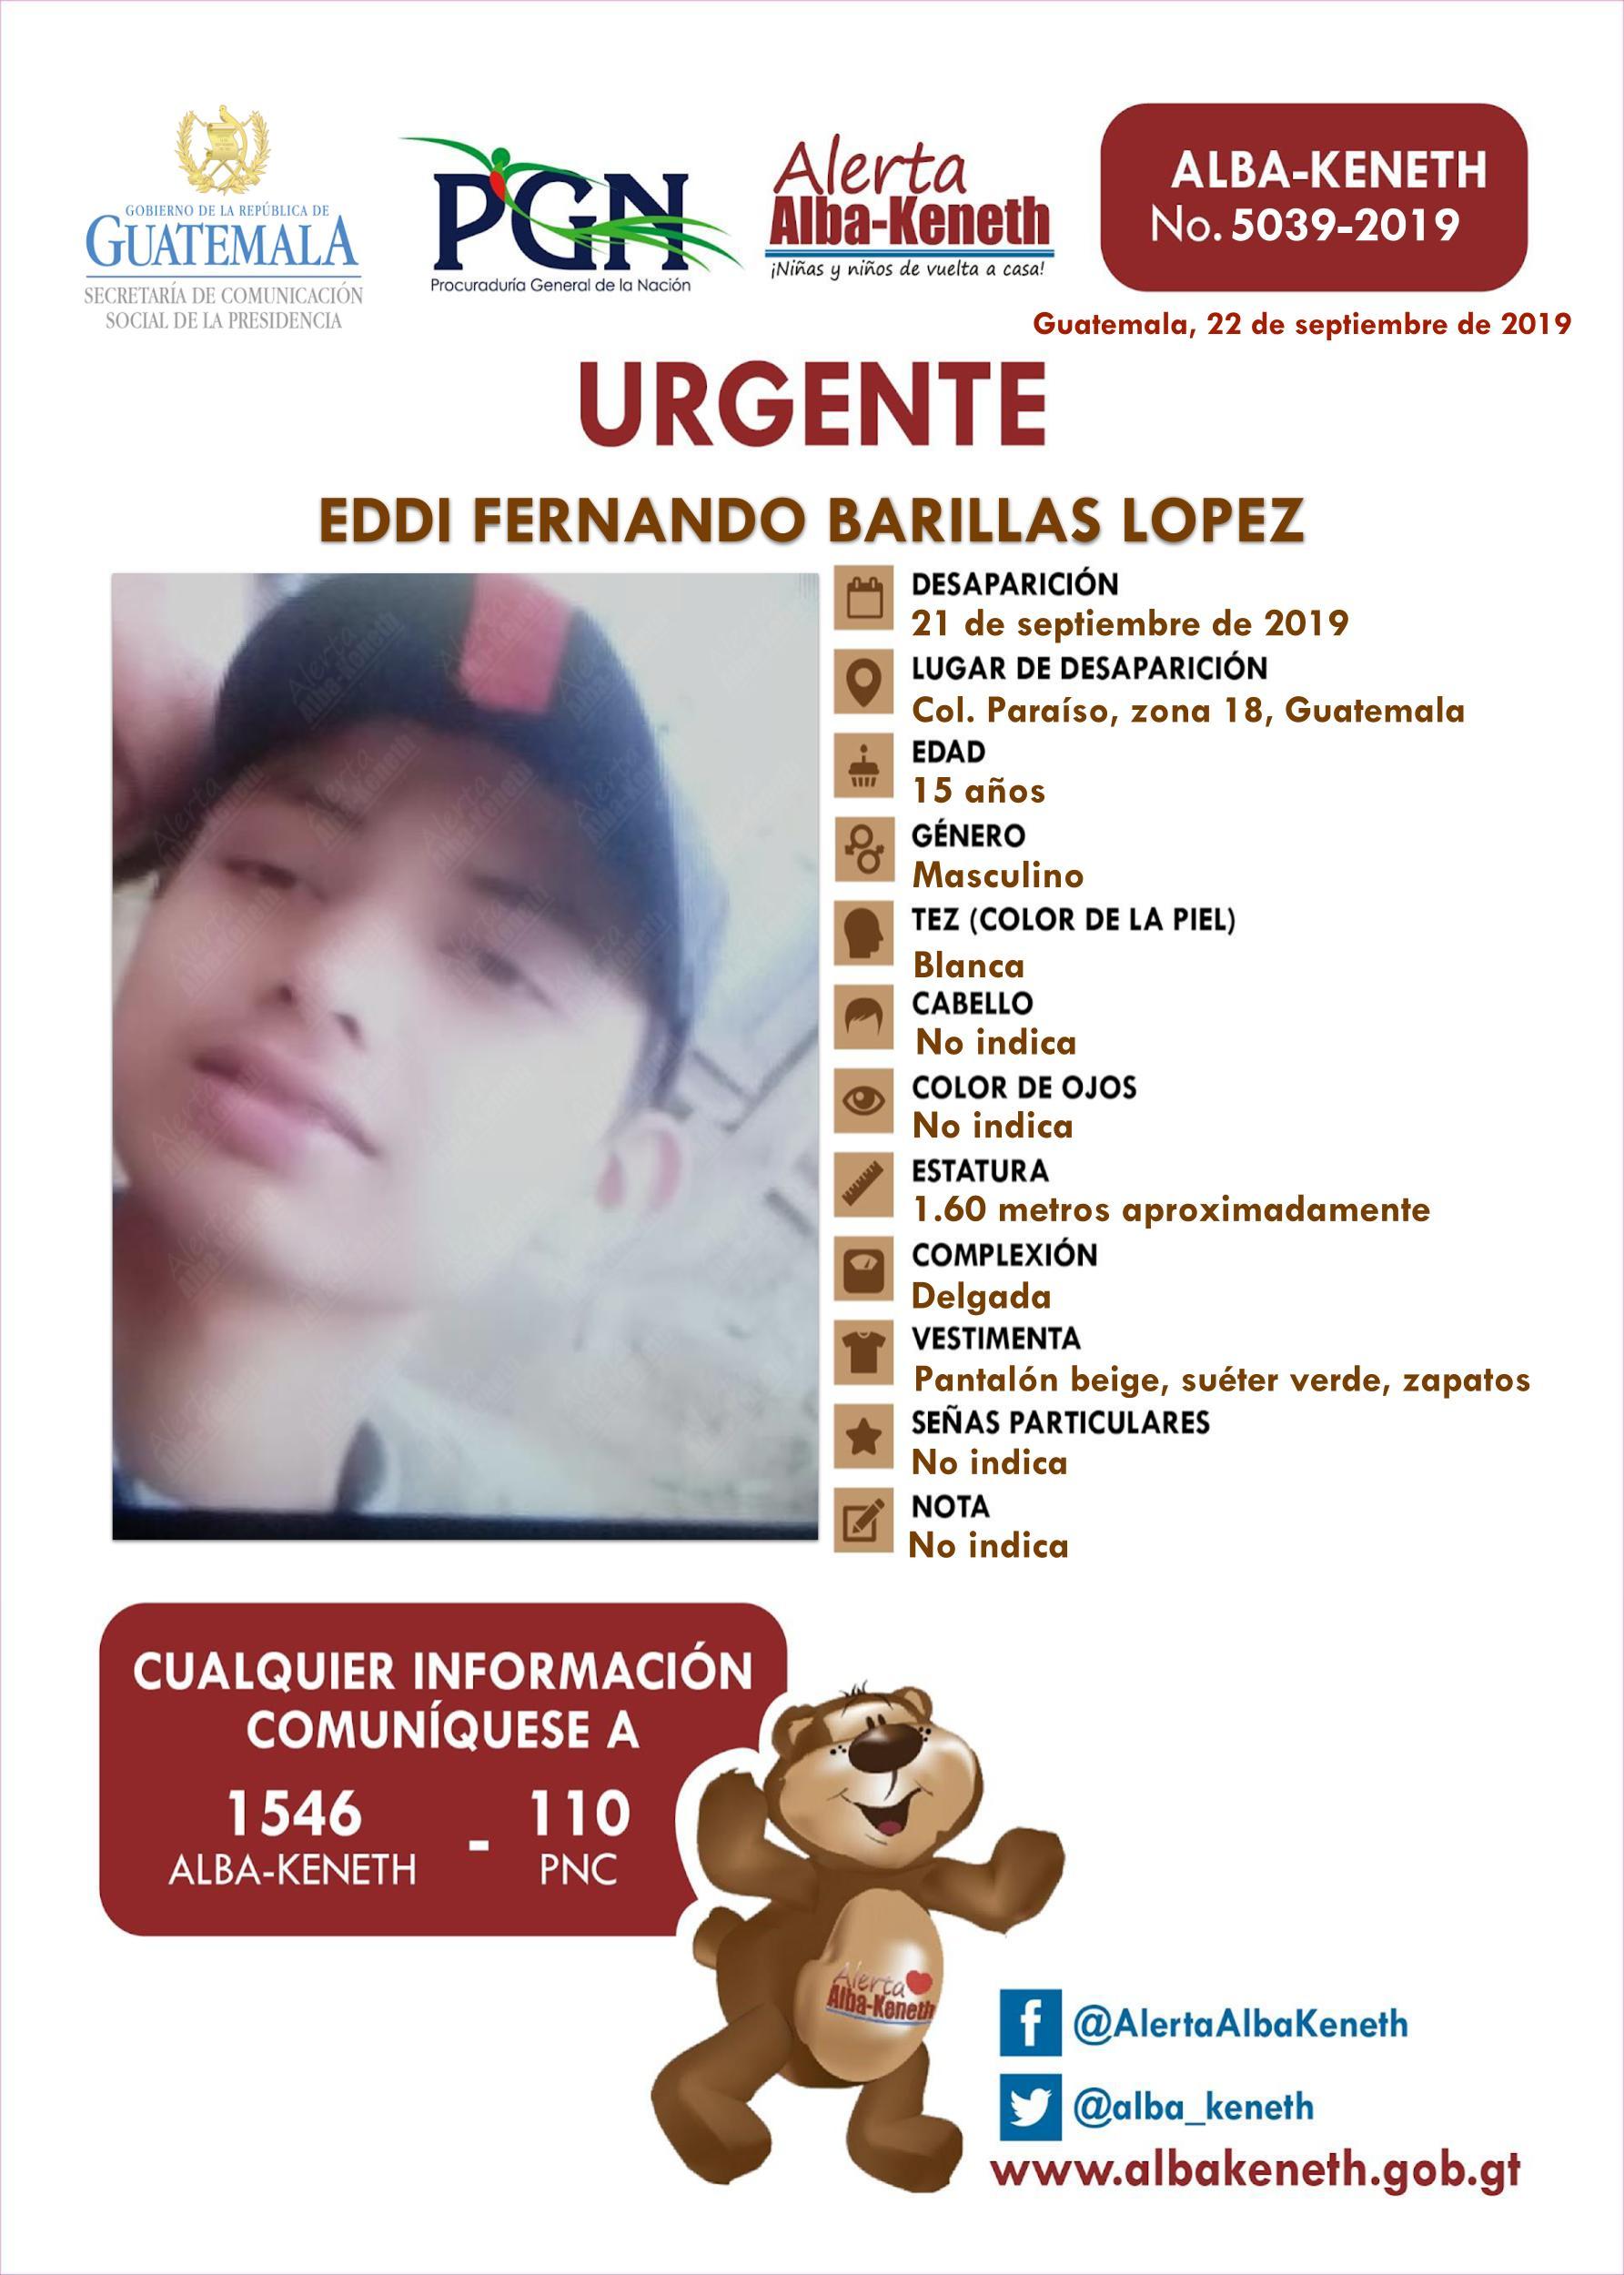 Eddi Fernando Barillas Lopez